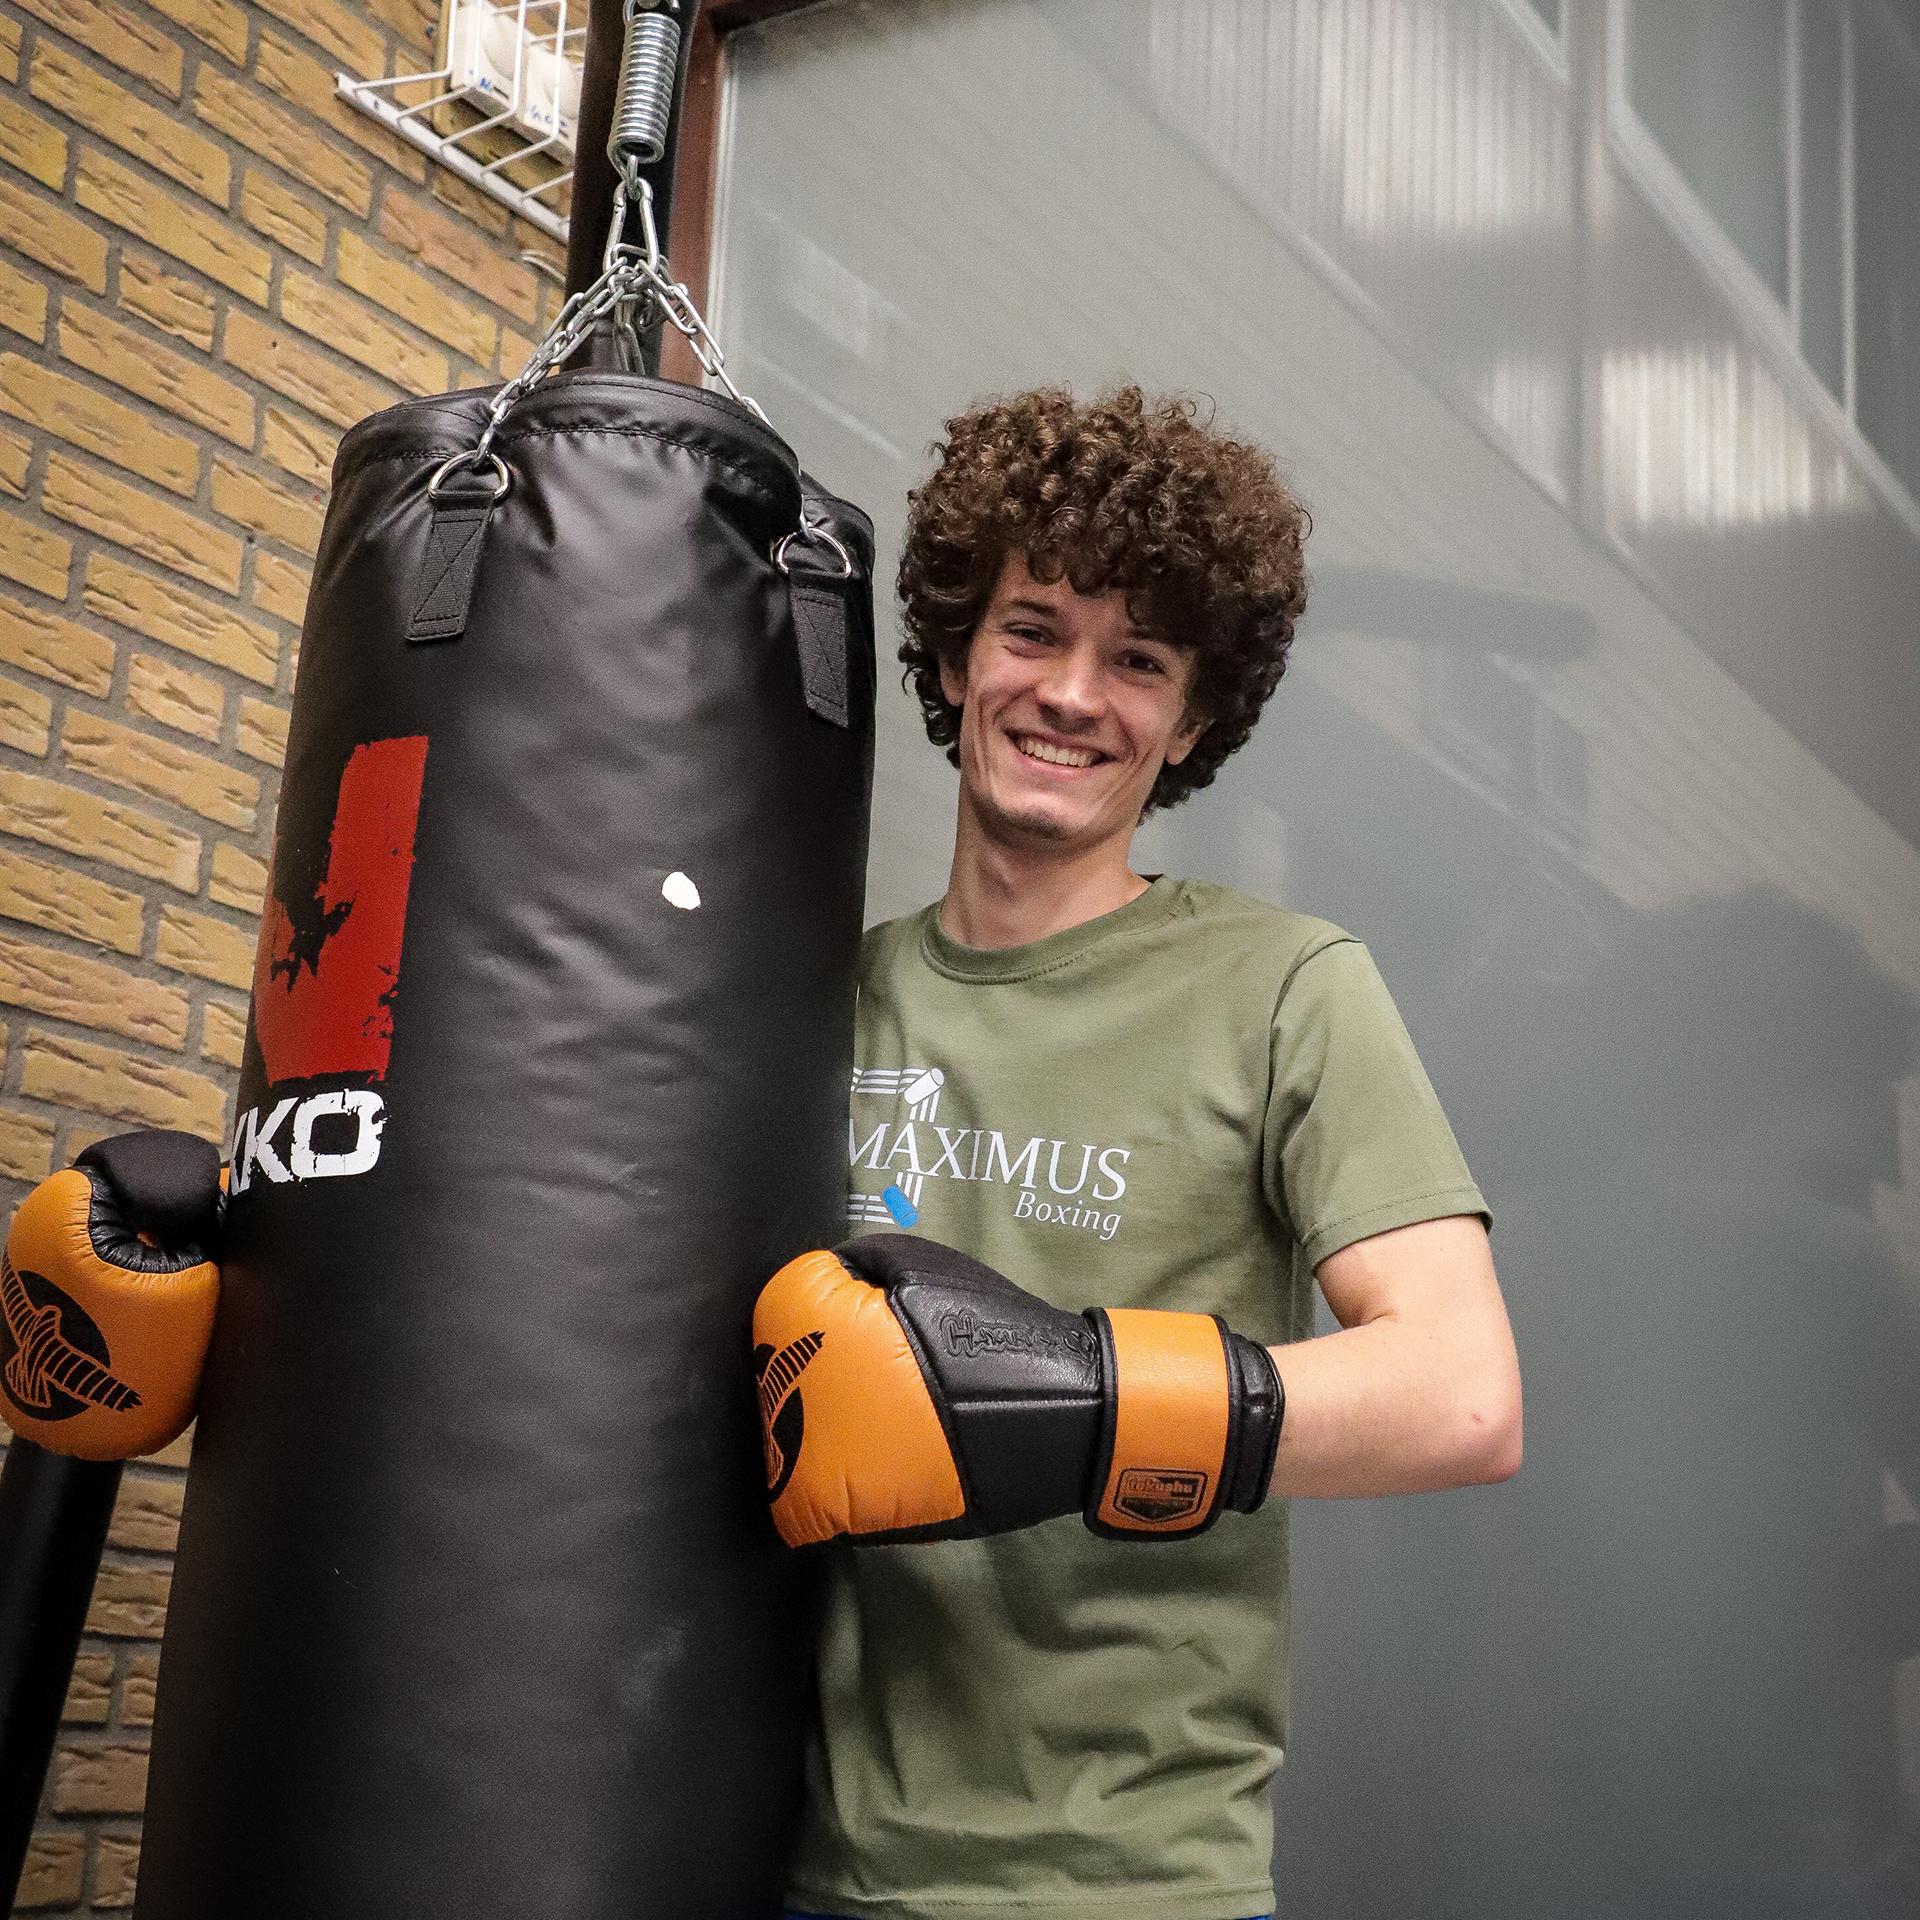 Maximus Boxing Udenhout